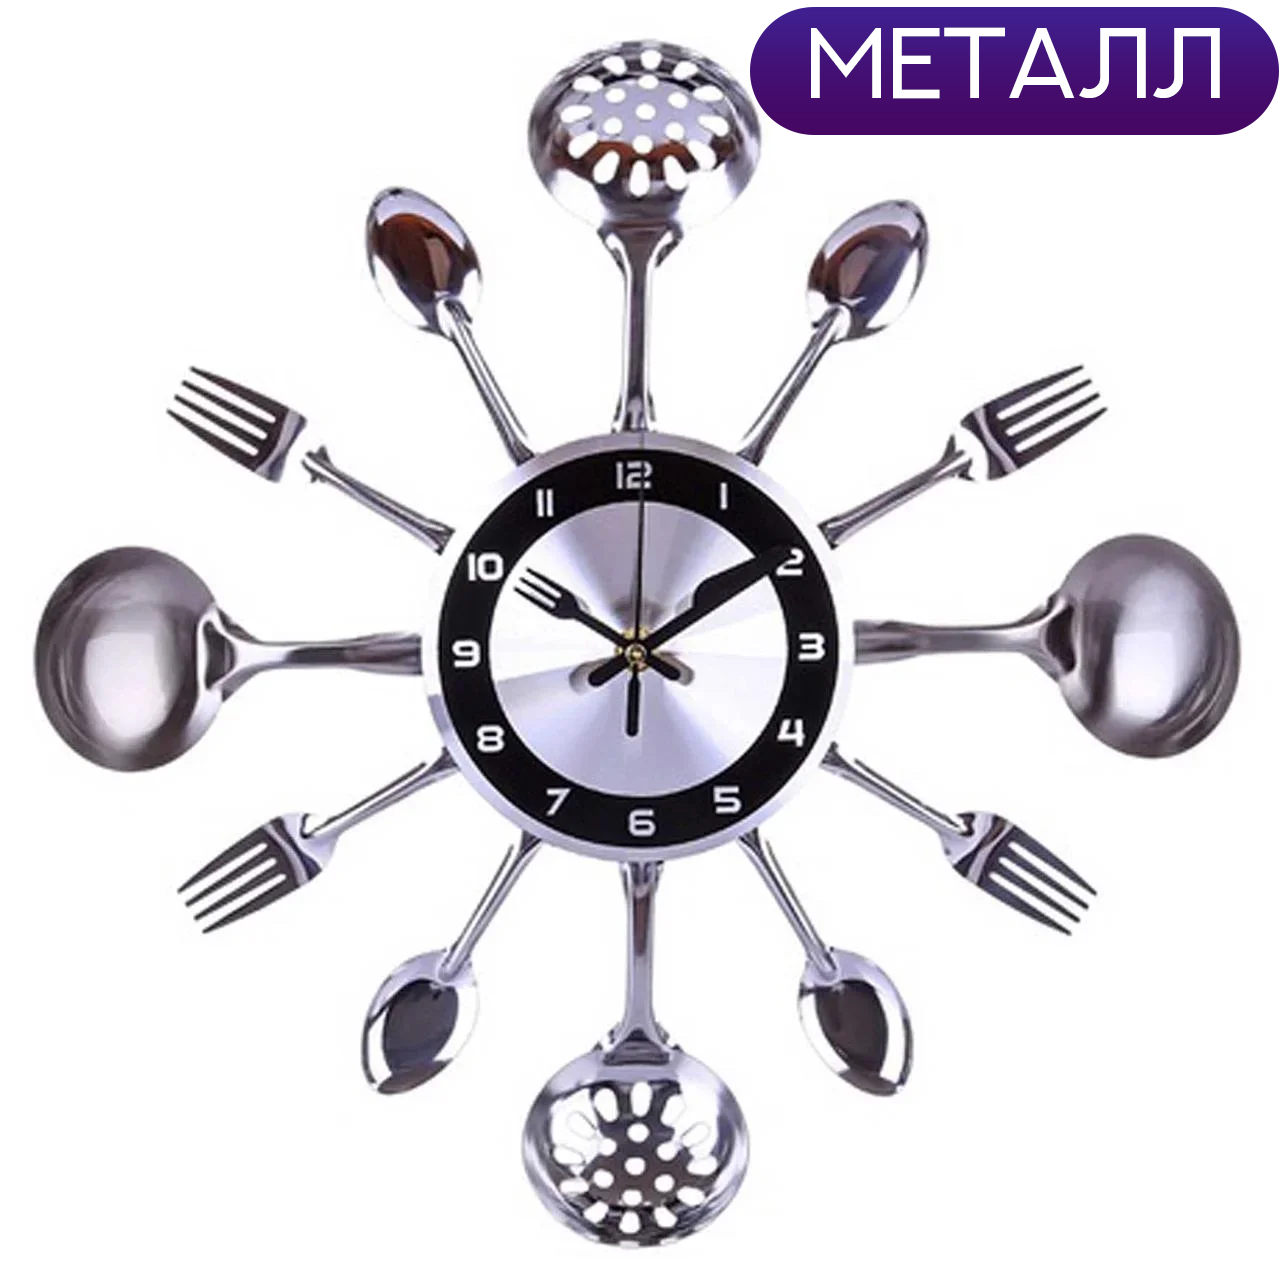 """Настенные Часы на кухню """"Ложки-вилки"""" — Впечатляющее украшение для кафе и кухни (Металл, 35 х 35 см)"""